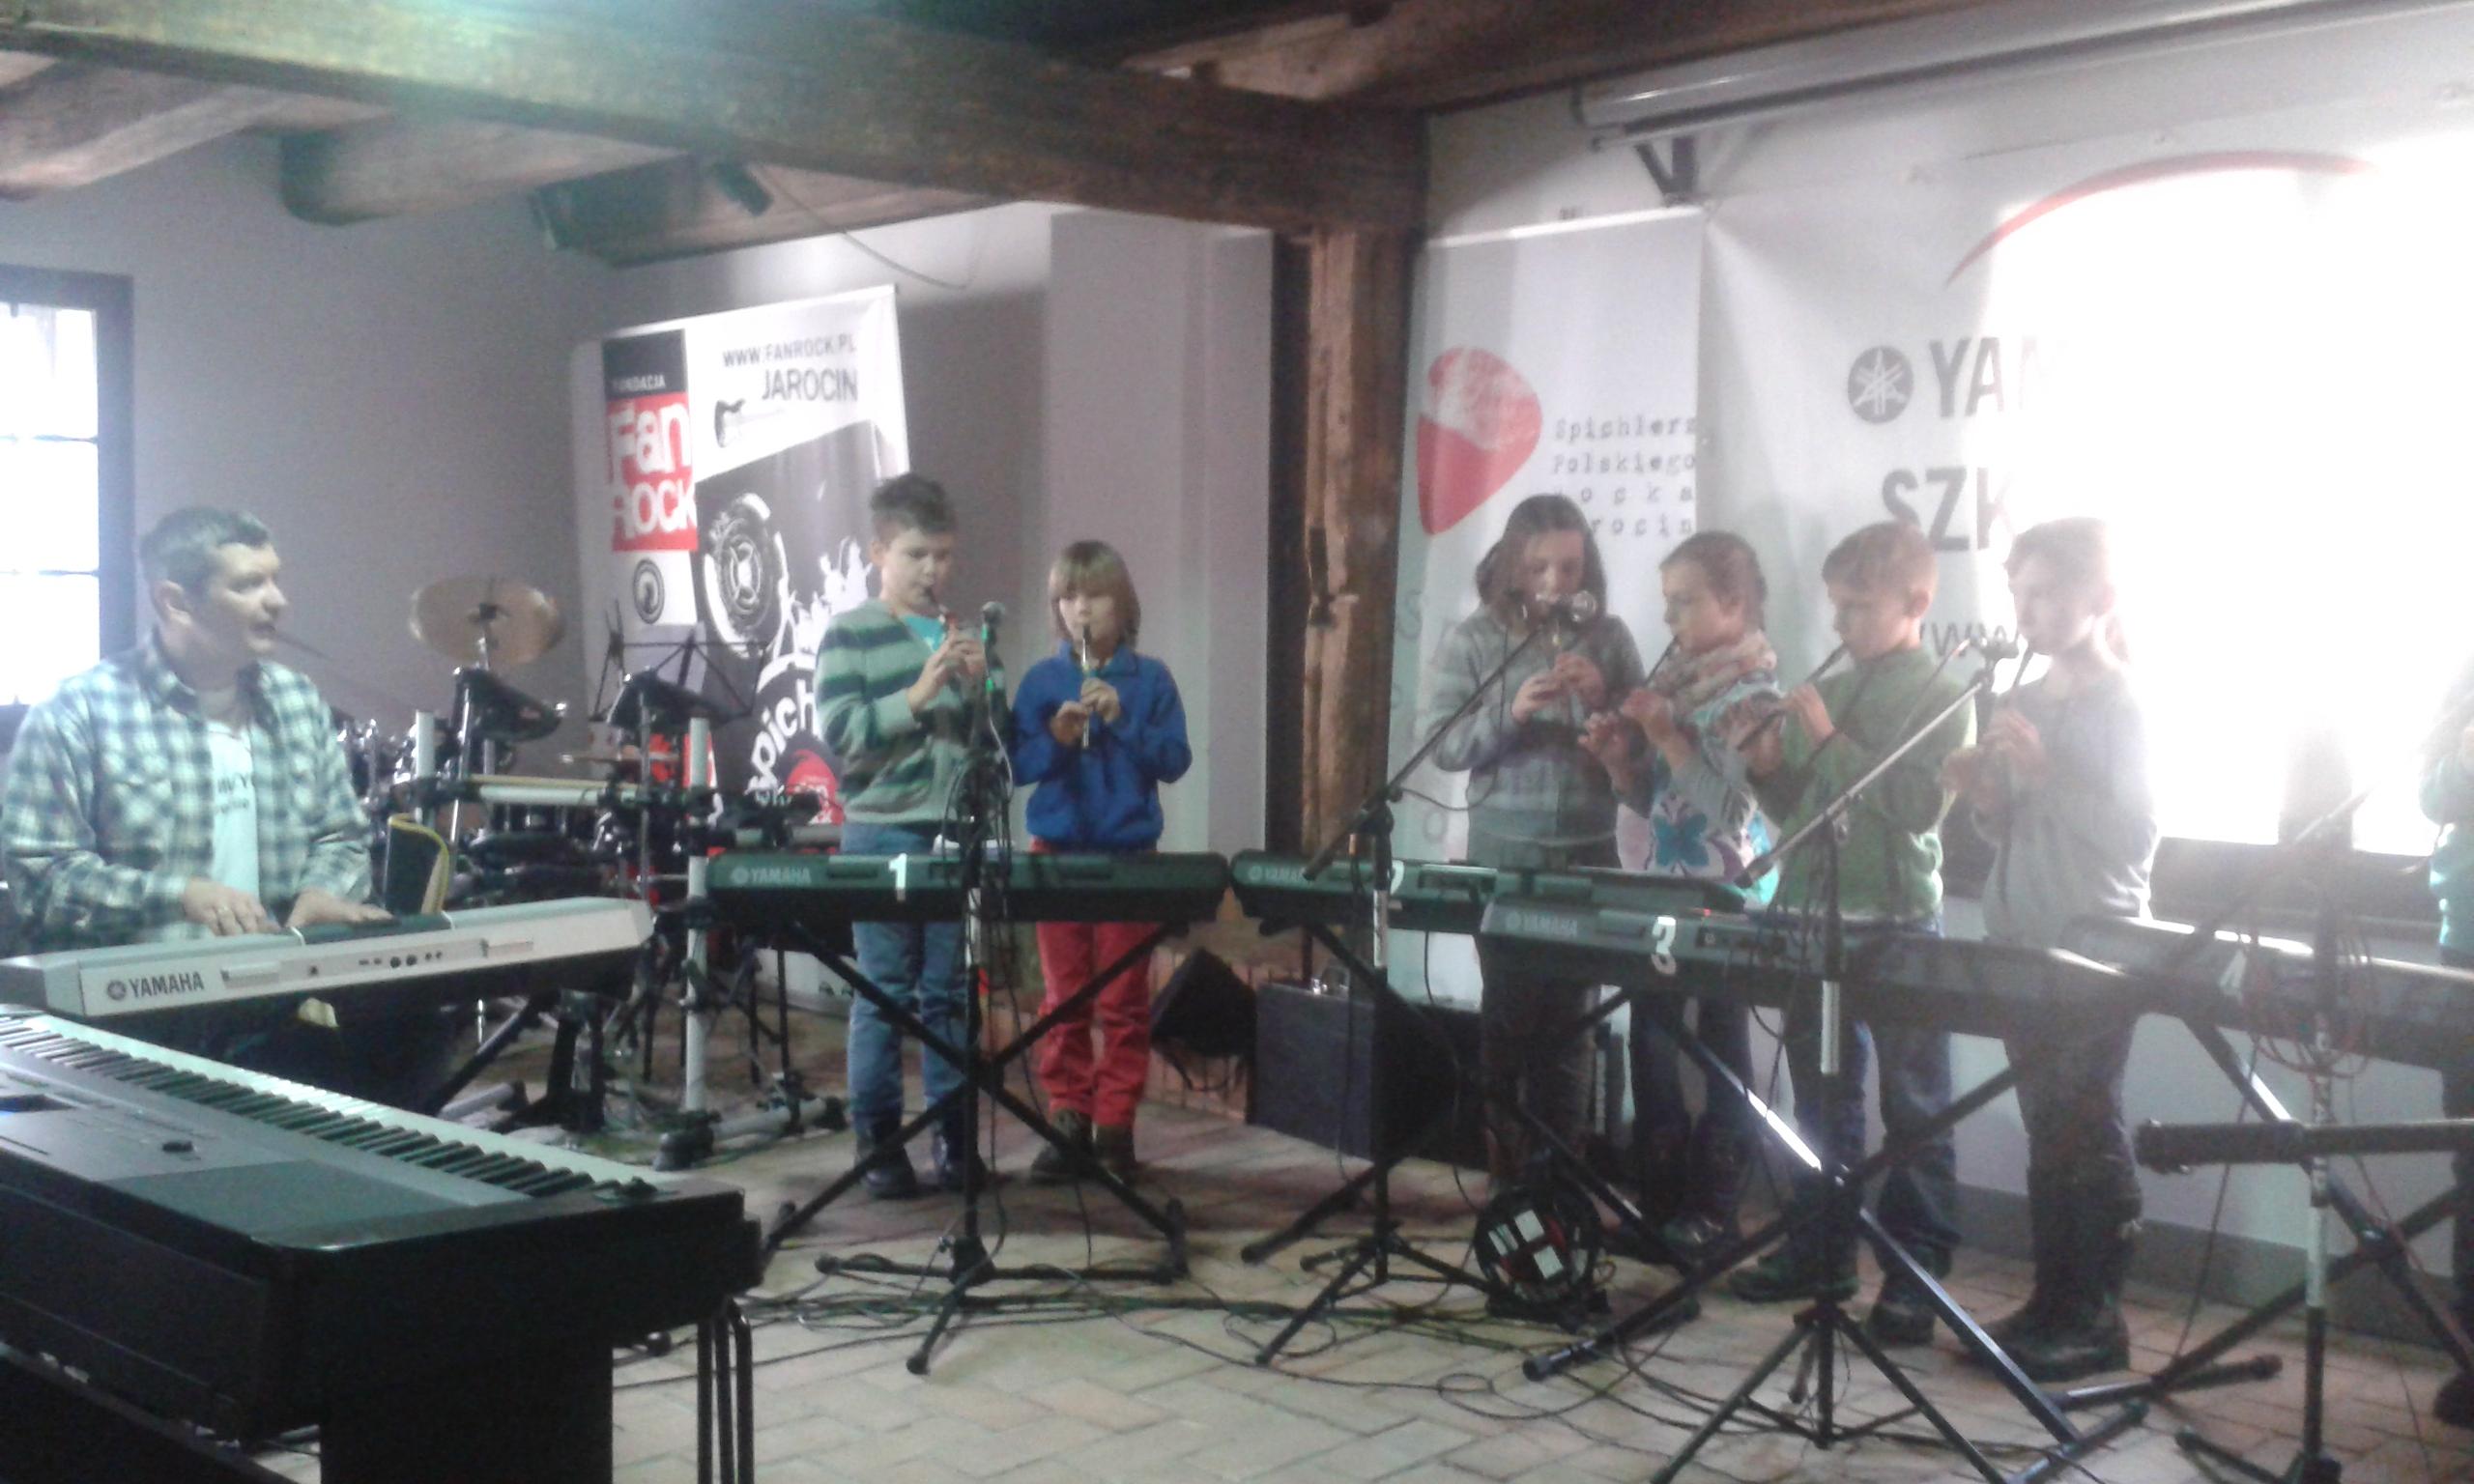 Muzyczna szkoła Yamaha kolęduje w Spichlerzu Polskiego Rocka